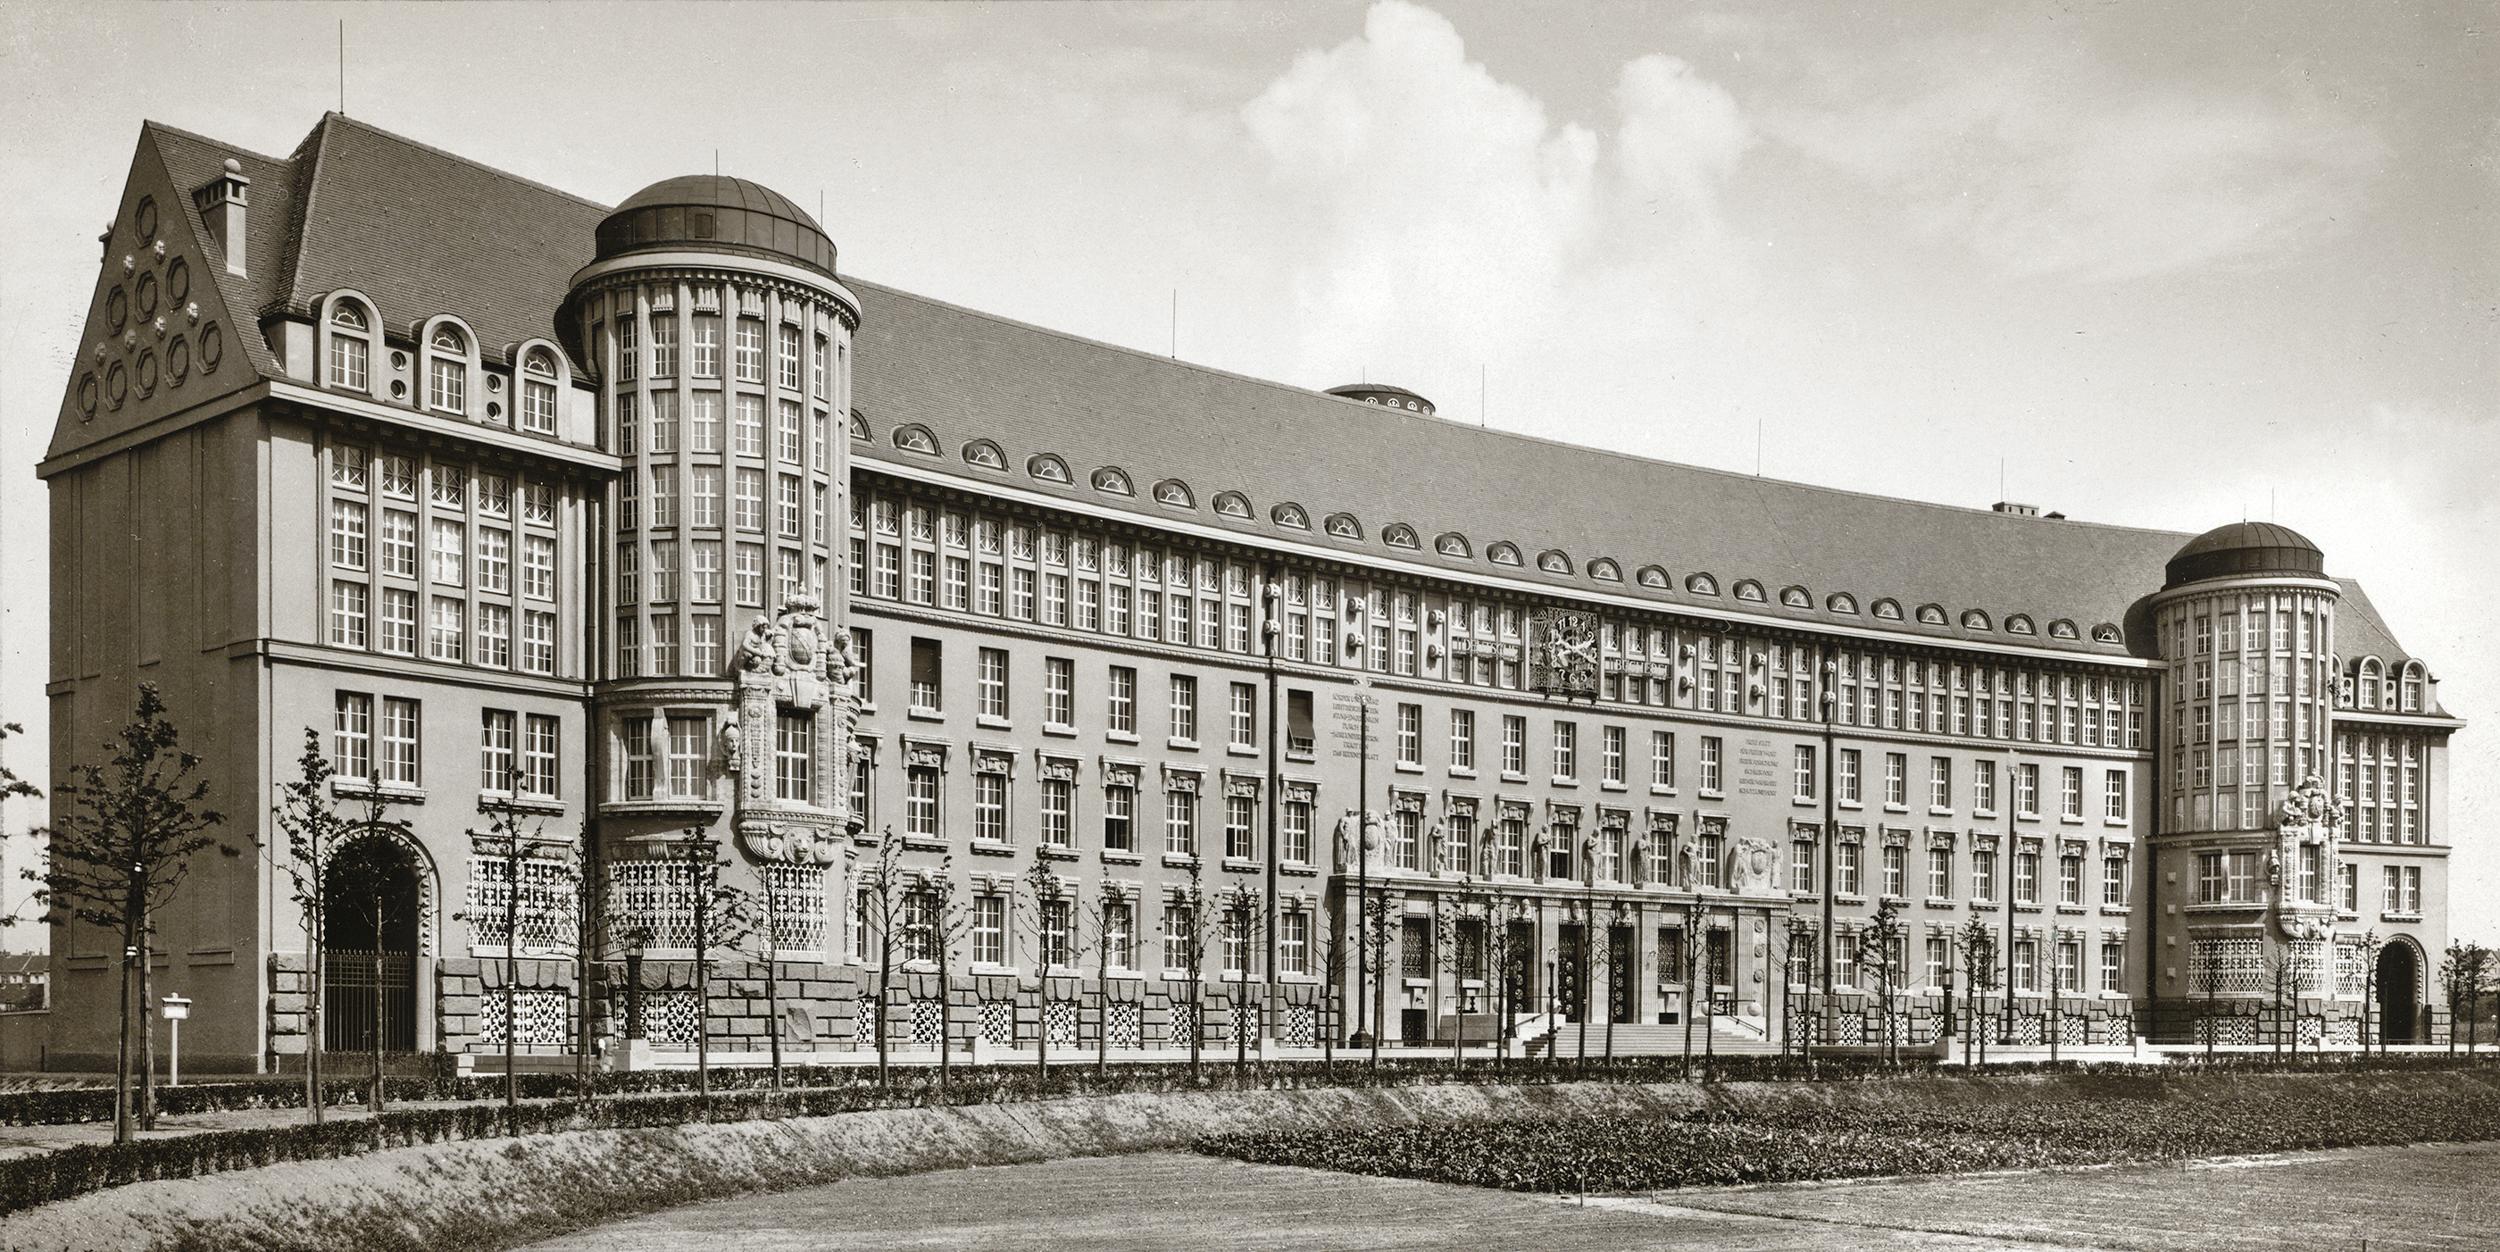 Verbotene Psychoanalyse DB Leipzig